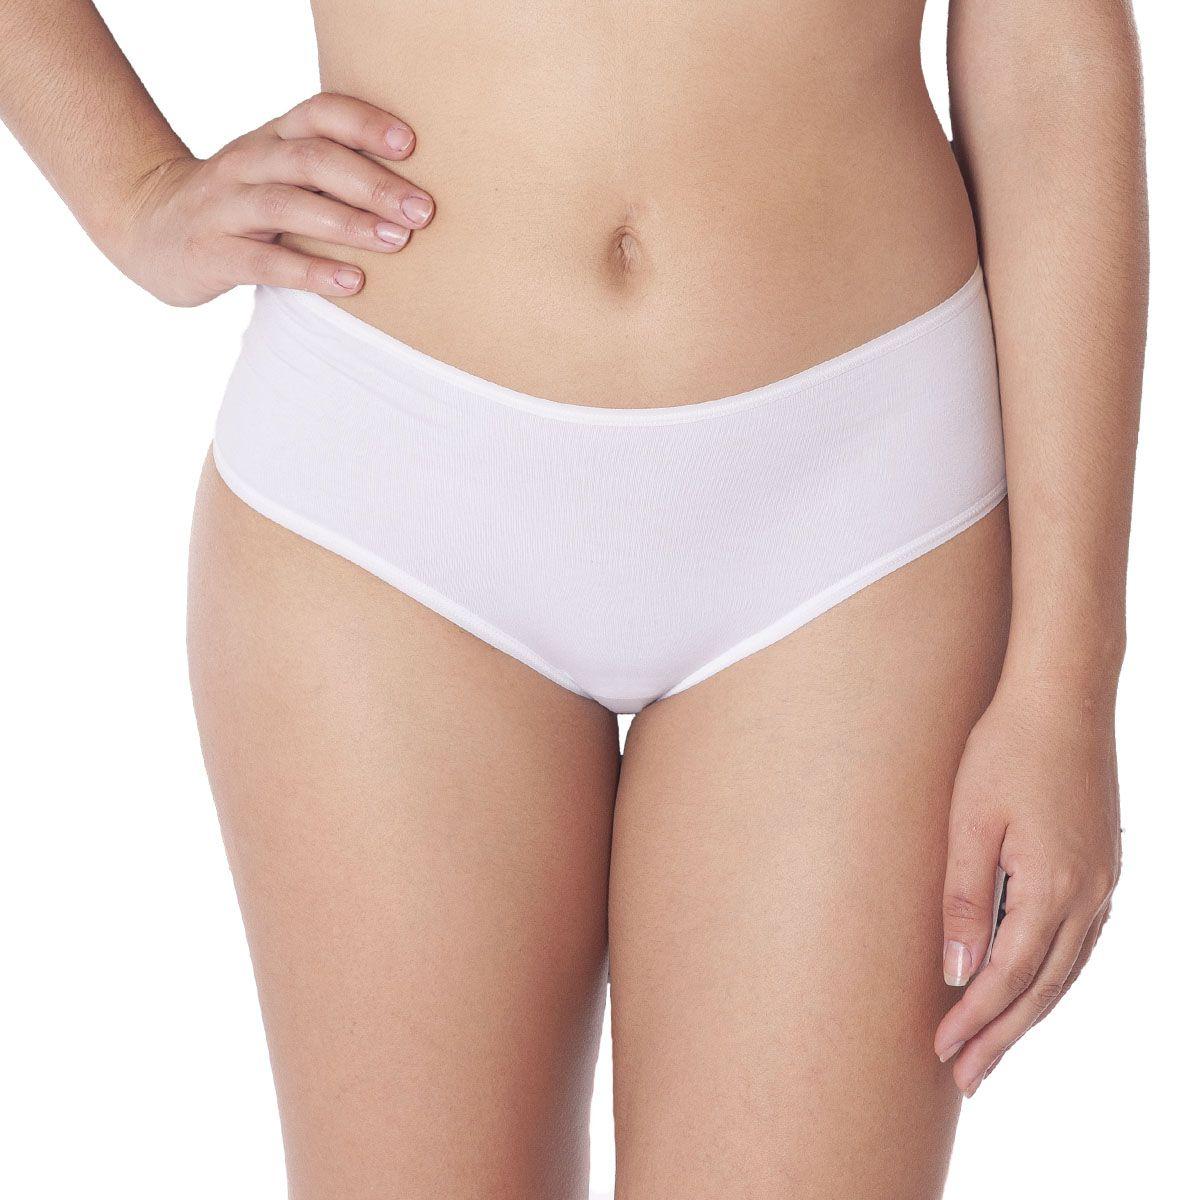 Kit 2 Calcinhas feminina modelo tanga com cintura alta em algodão Liebe -